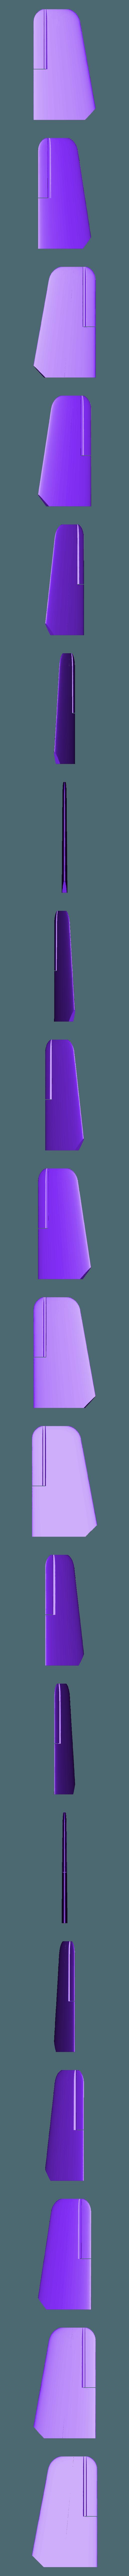 Left_Rear_Stabilizer.stl Download free STL file Flyer Mk. 1 • 3D printing object, billbo1958